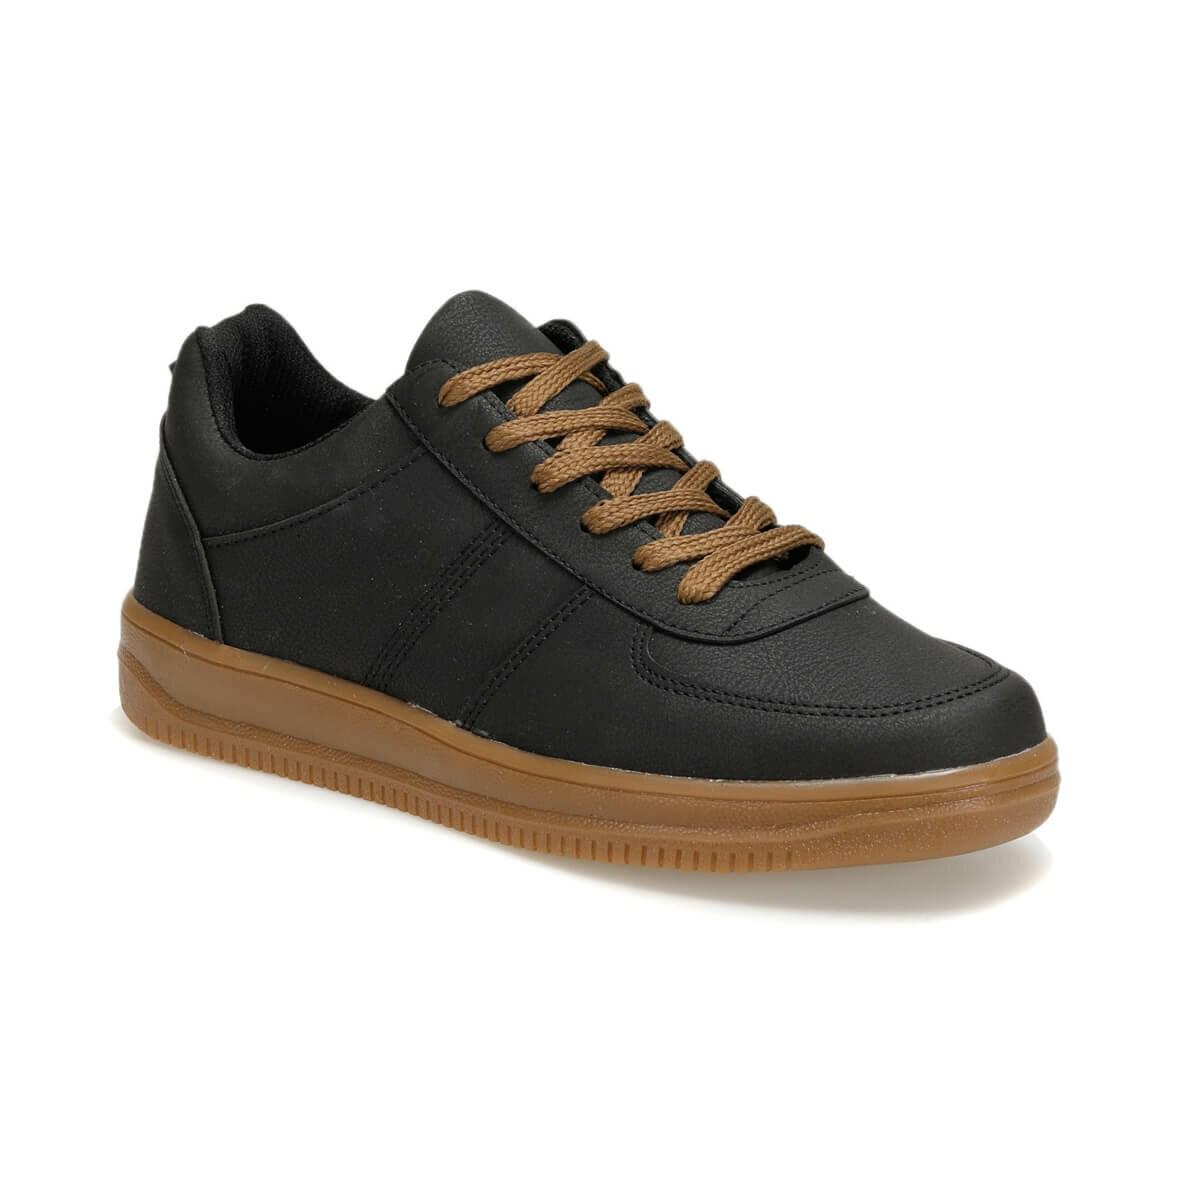 FLO CW17002-19W Black Women 'S Sneaker Shoes Art Bella